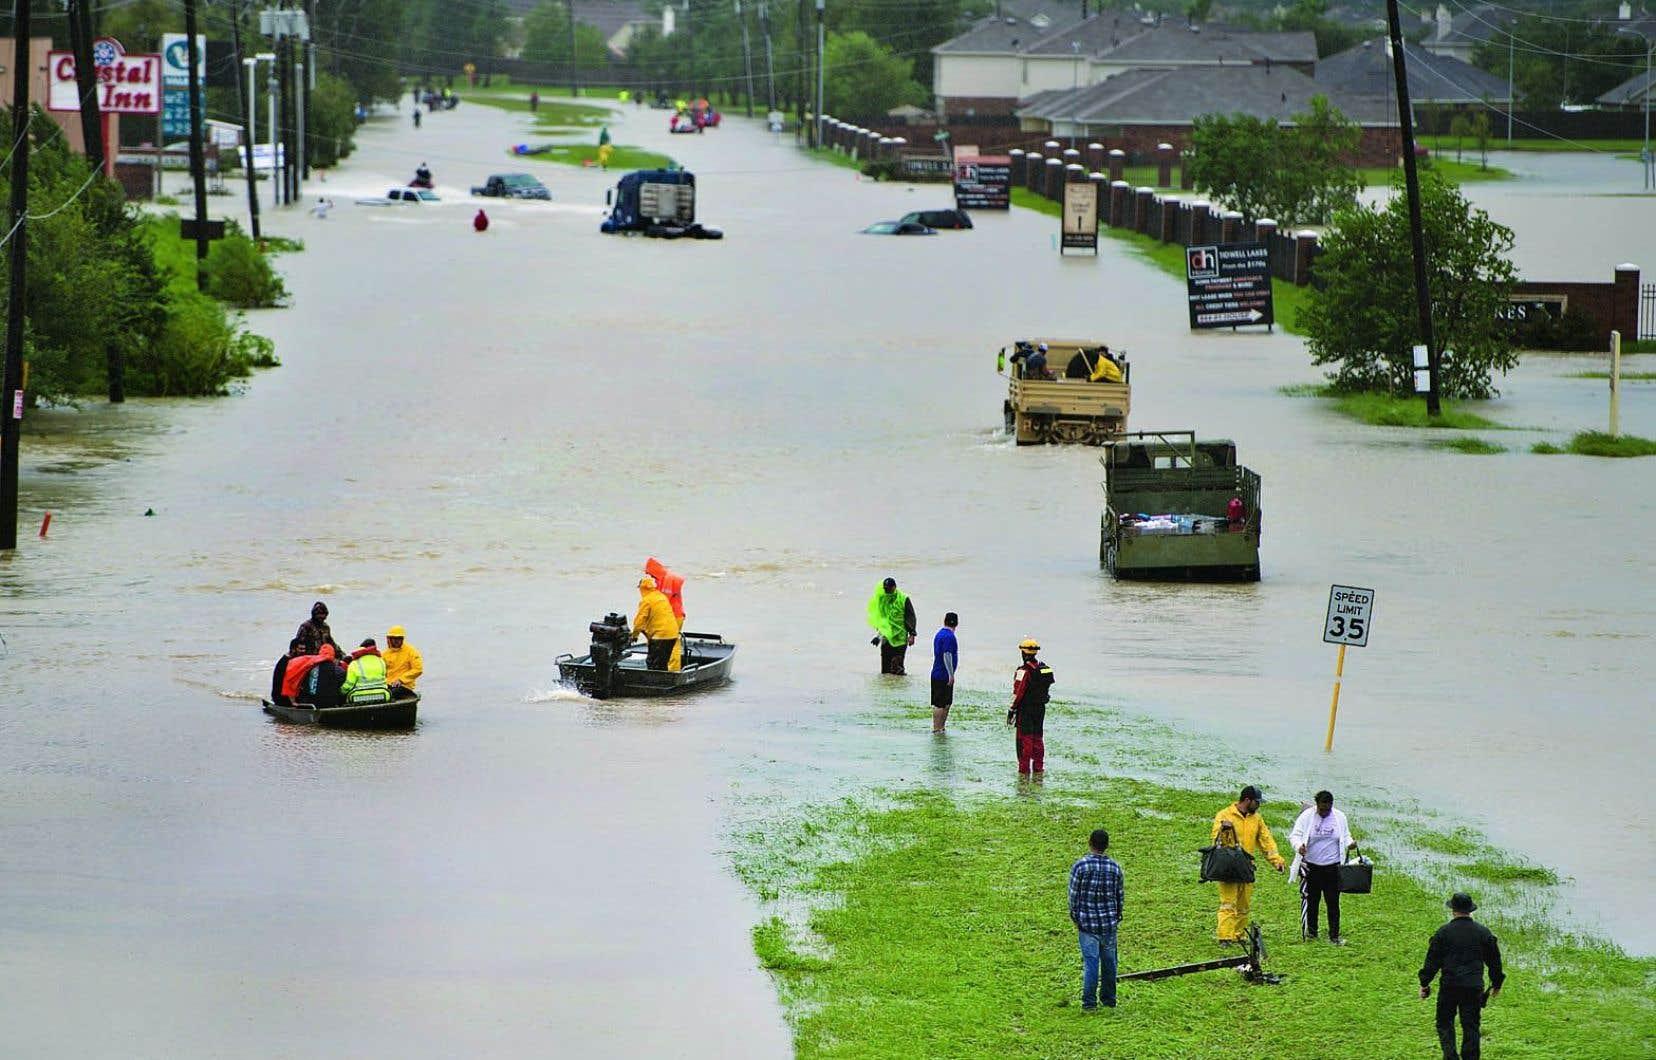 L'essentiel des opérations vise actuellement à évacuer les populations et à secourir les sinistrés, mais la question de l'impact sur l'économie du Texas va vite devenir capitale.